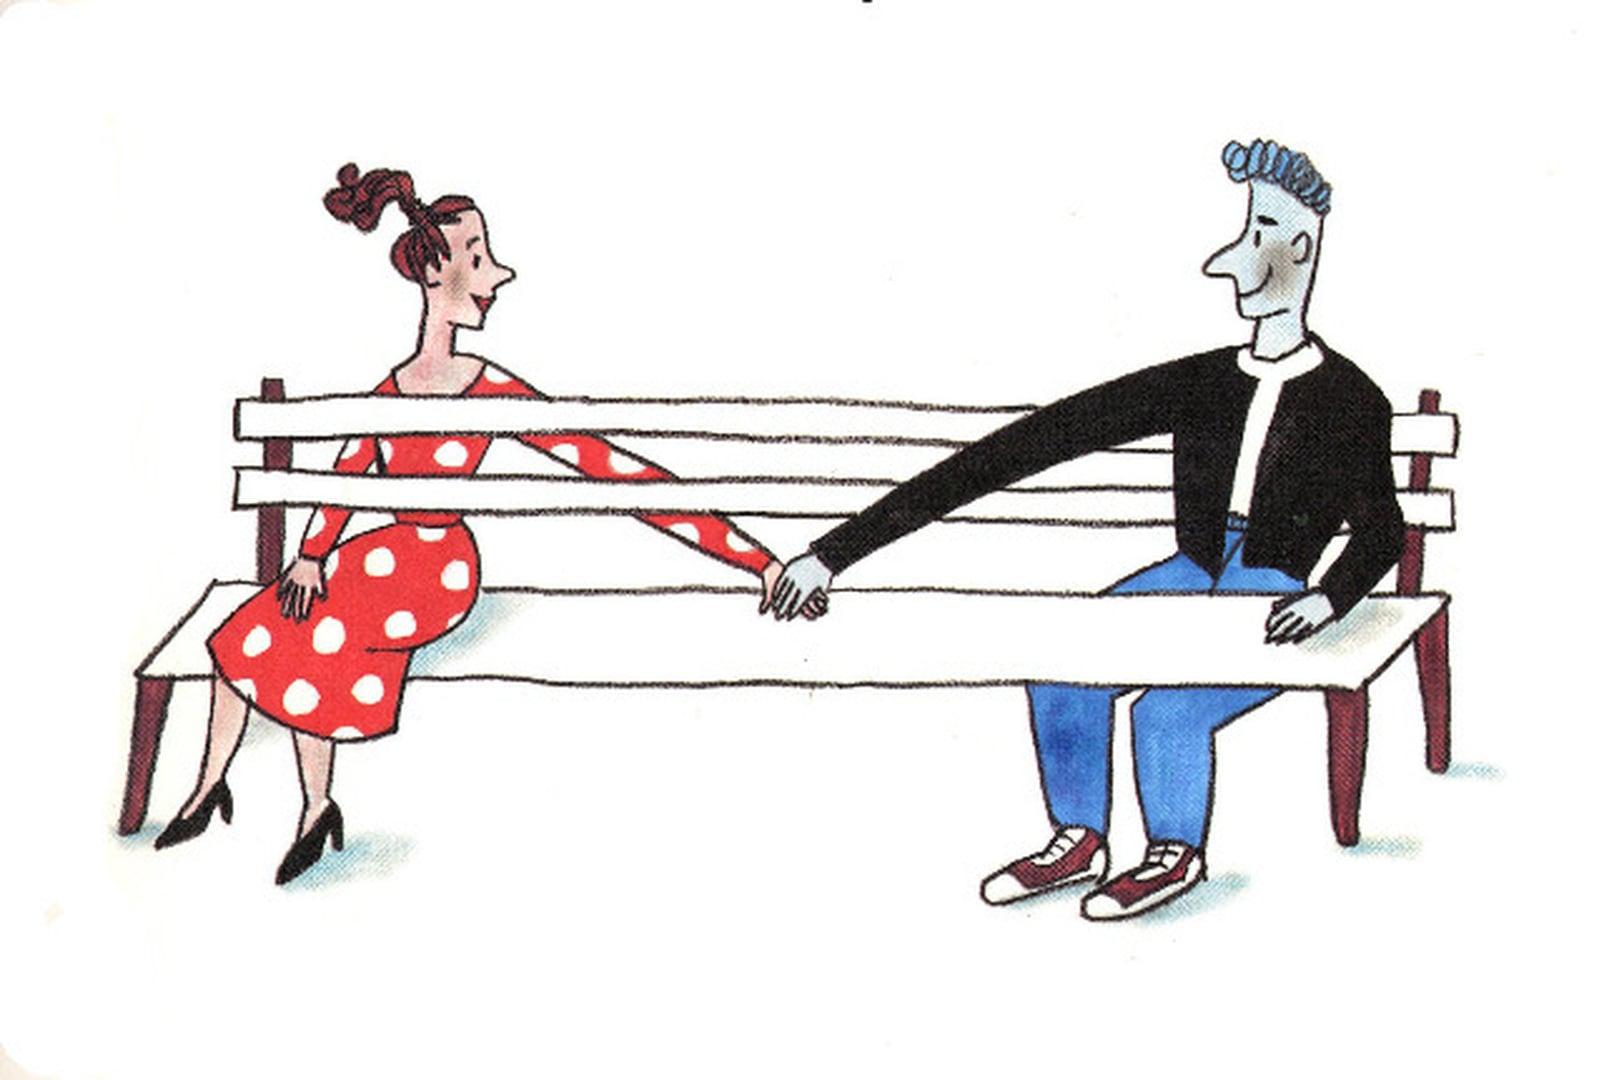 Illustration_Rotraut-Susanne-Berner_Abstand-halten.jpg